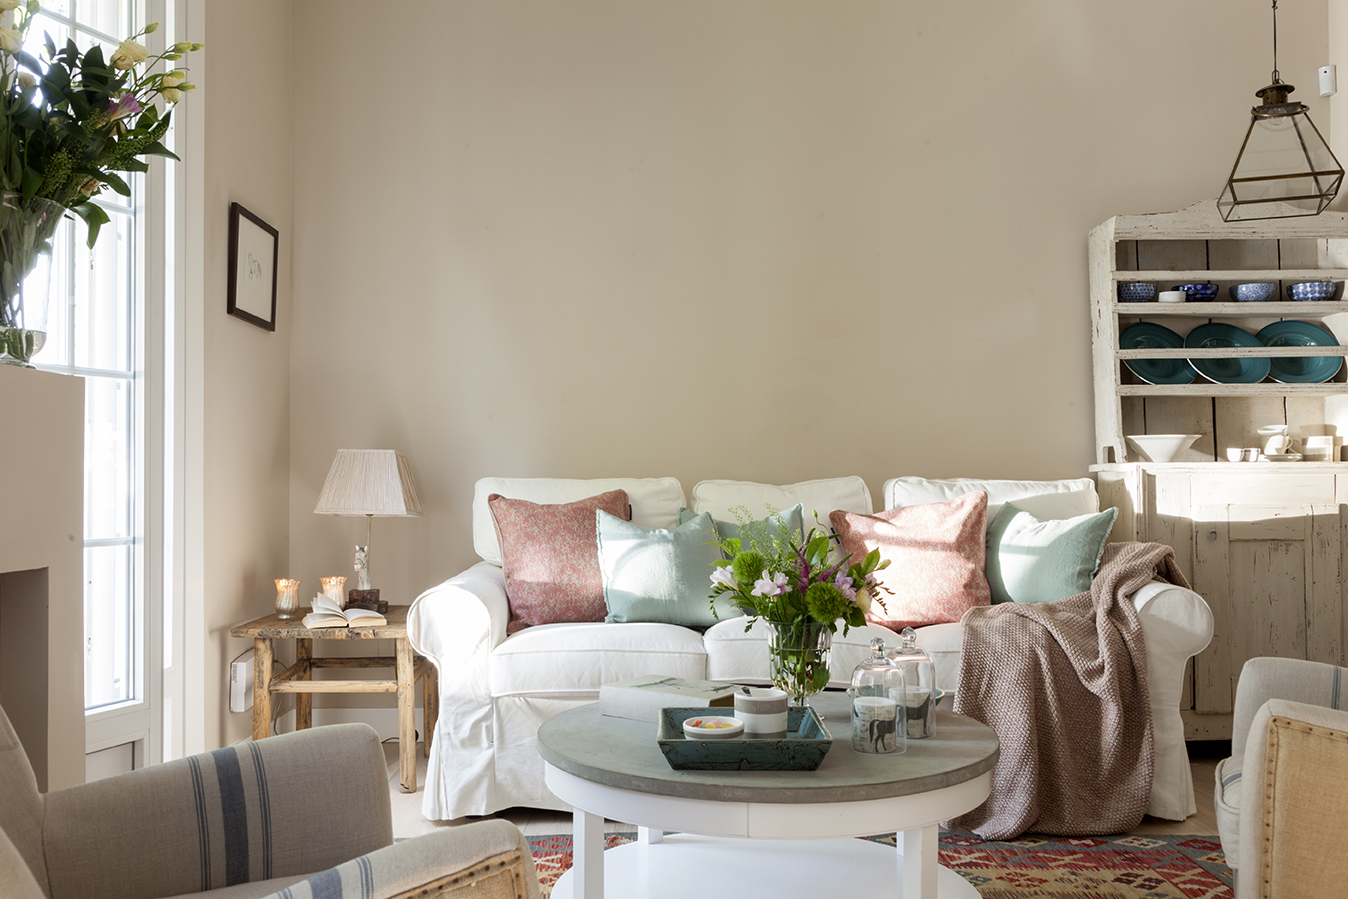 Sof s blancos todas las ventajas for Sofa gris y blanco